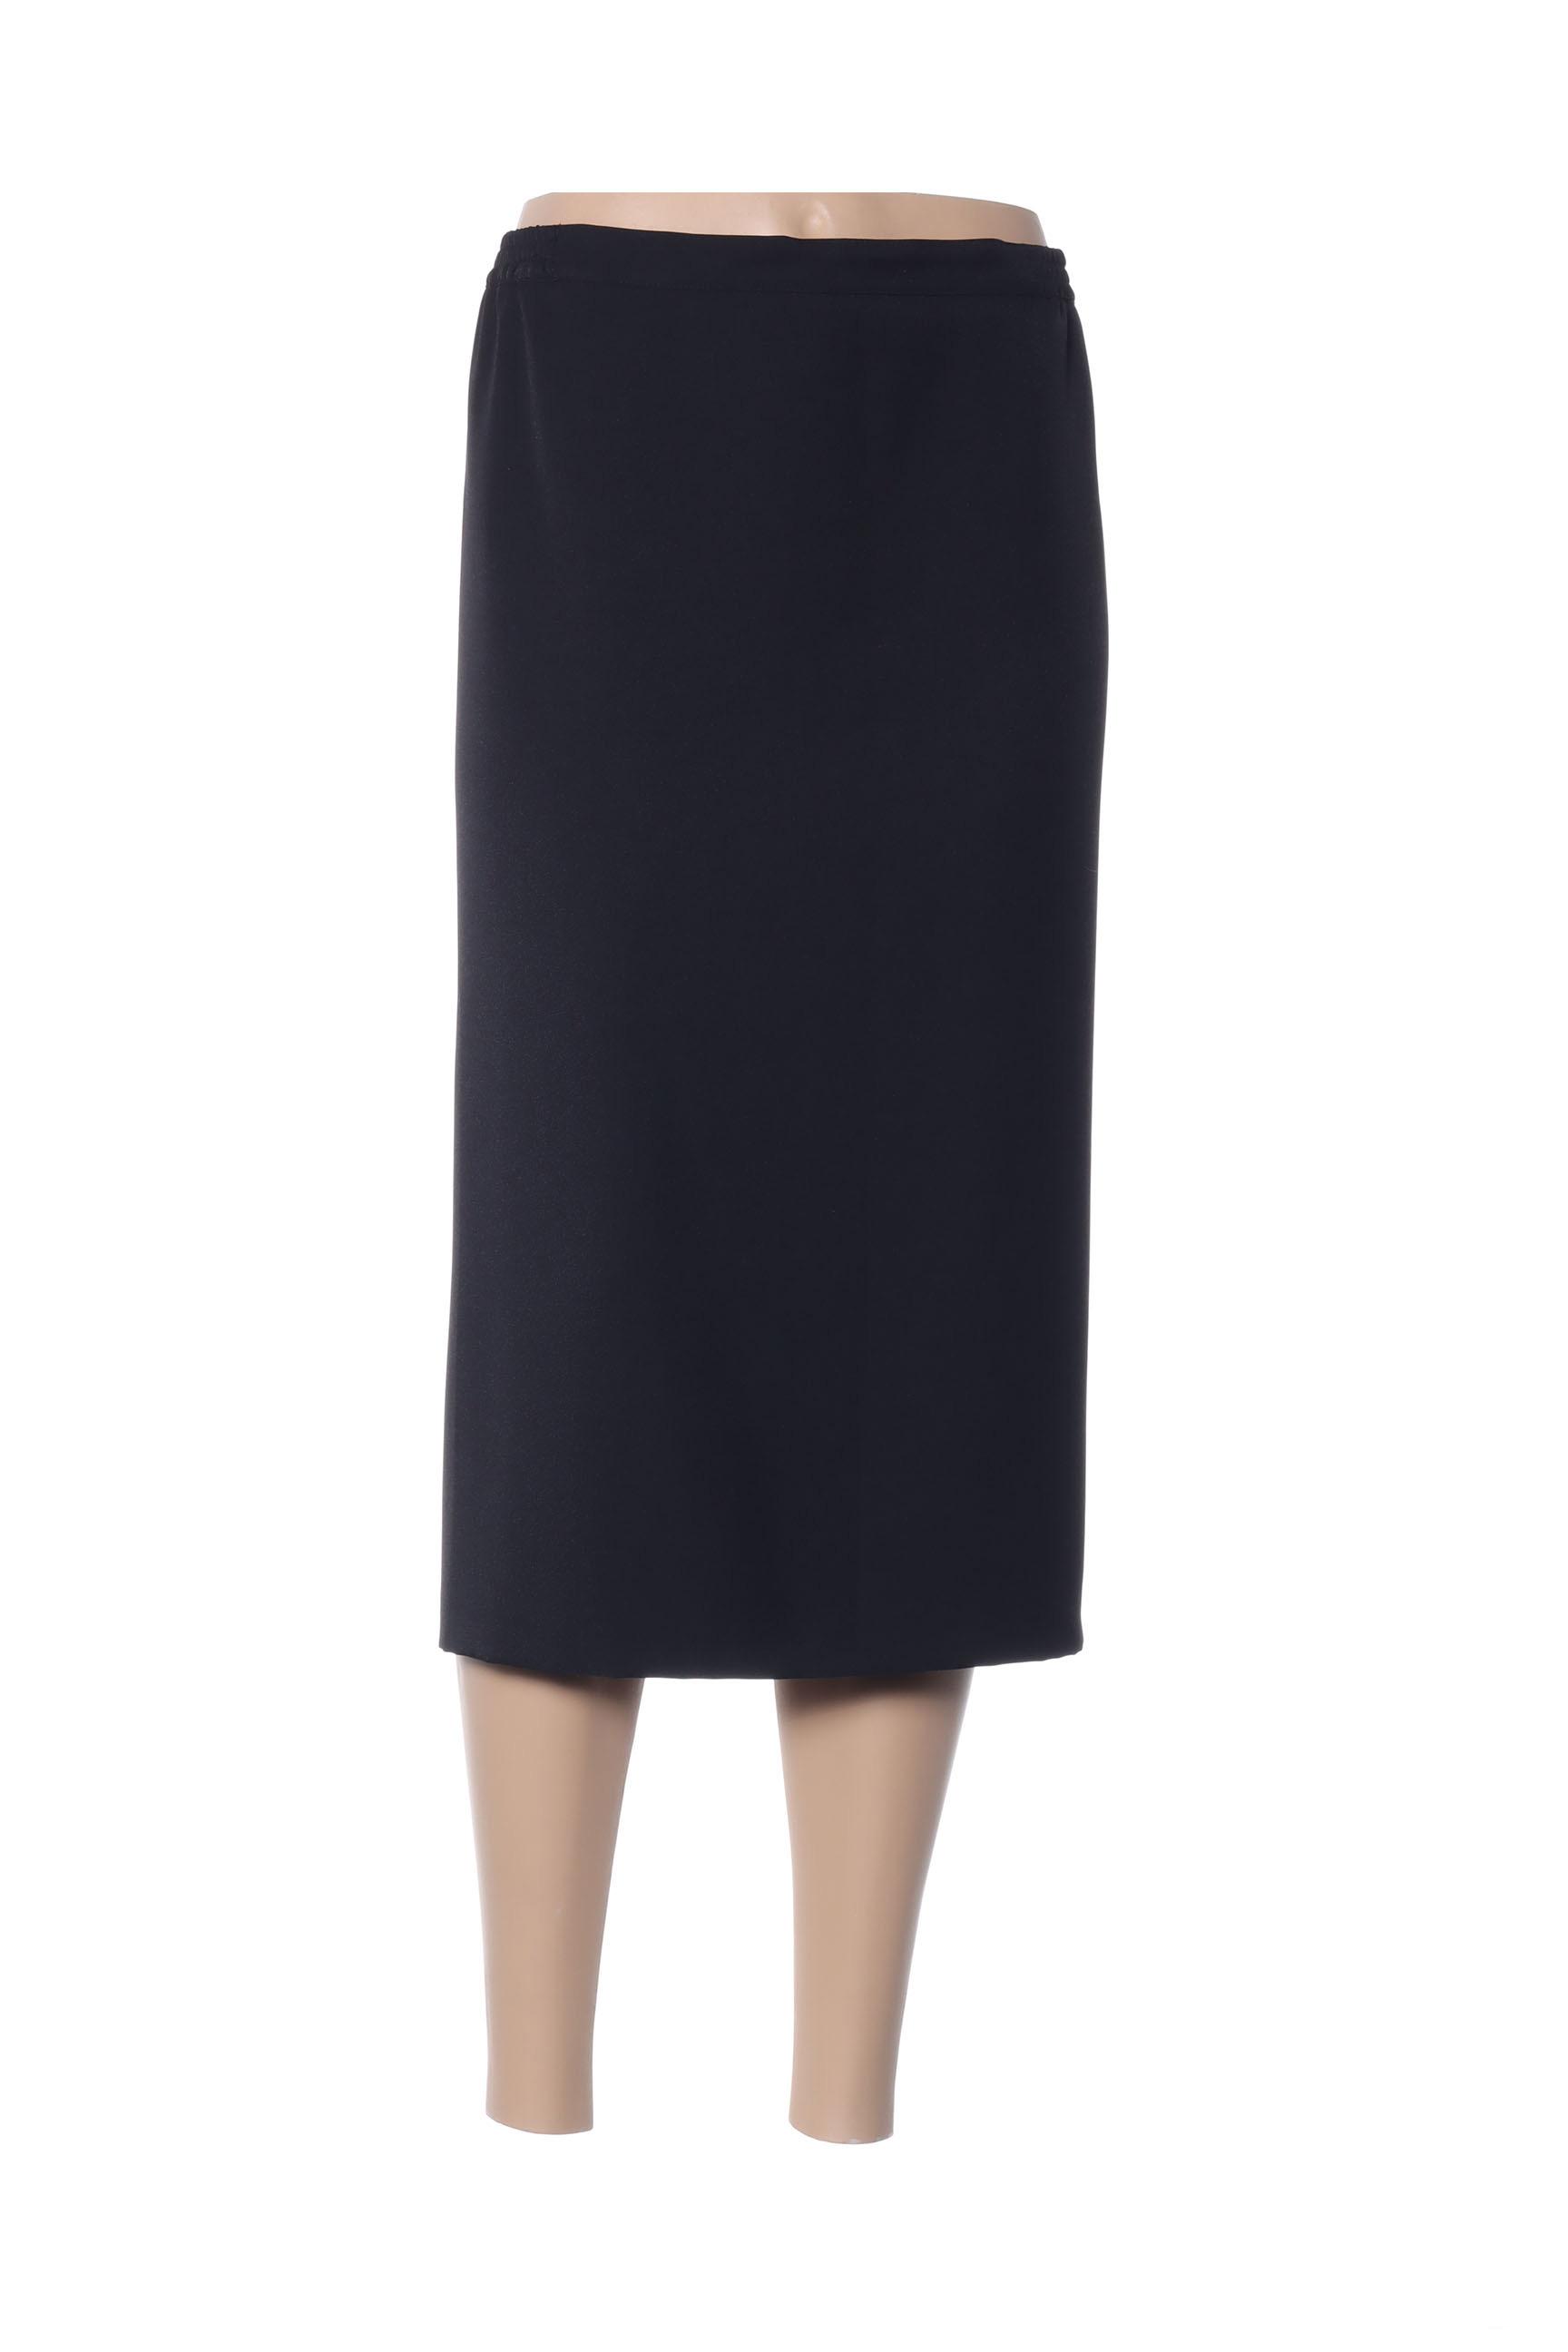 Fashion Collection Jupes Mi Longues Femme De Couleur Noir En Soldes Pas Cher 1425524-noir00